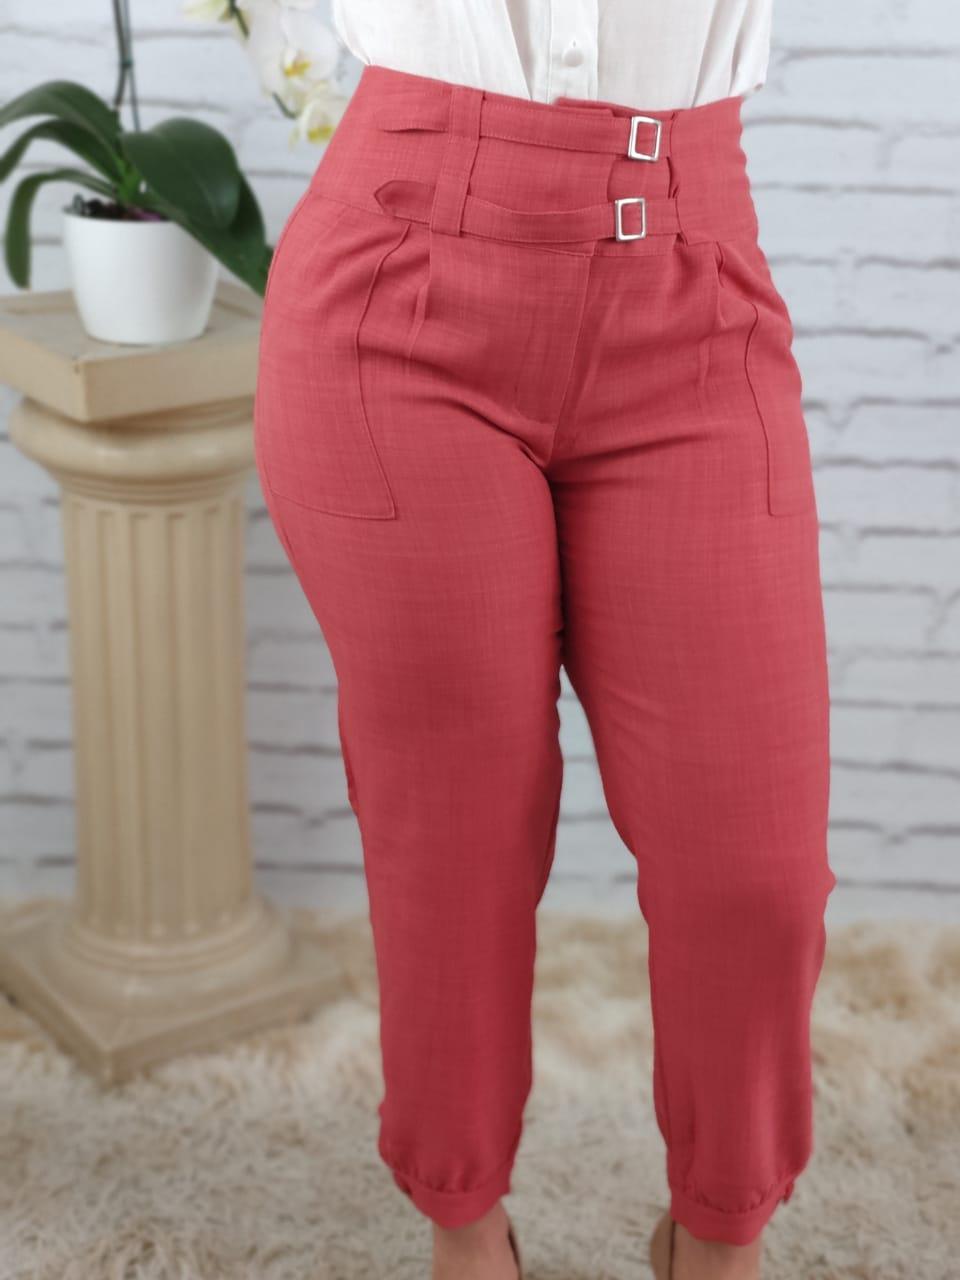 Calça Skinny Detalhe Fivelas Frontais Rosa